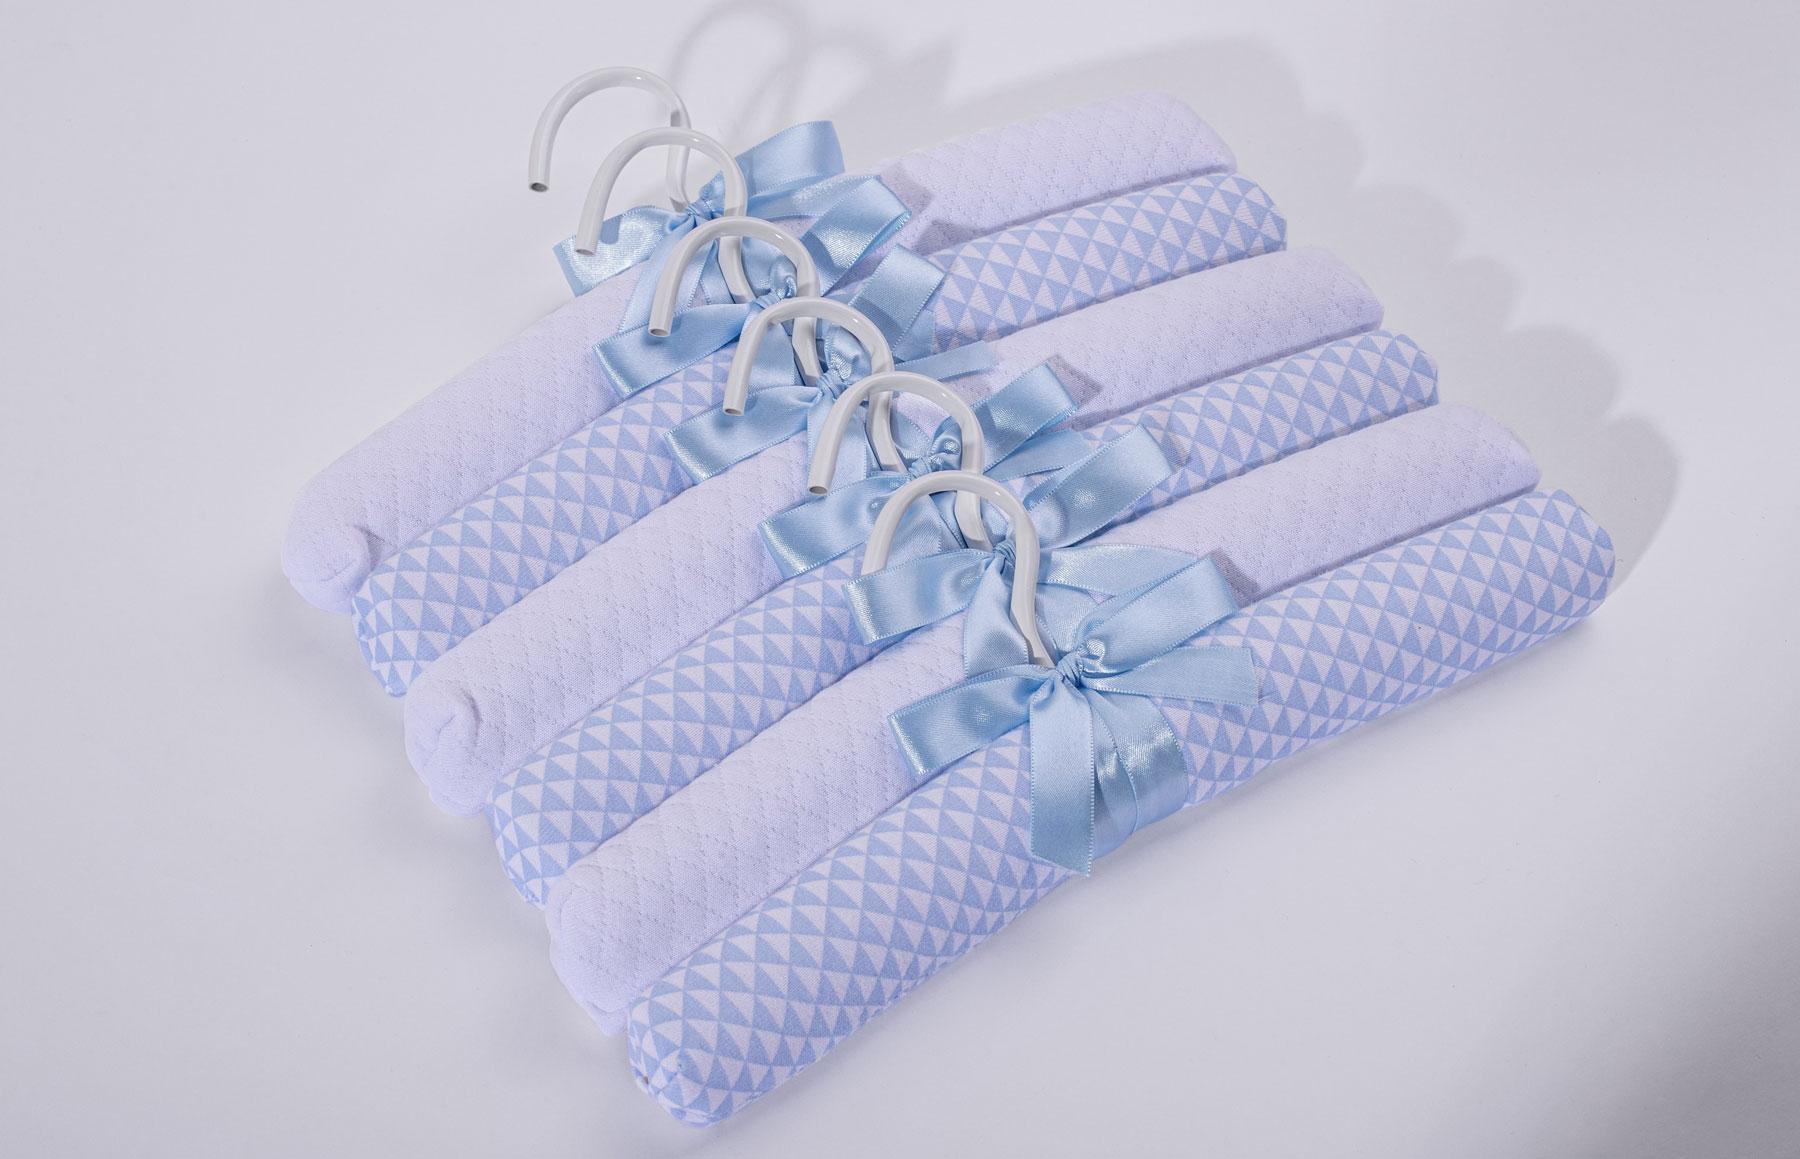 Kit Com 6 Cabides Lembranças De Infância Azul